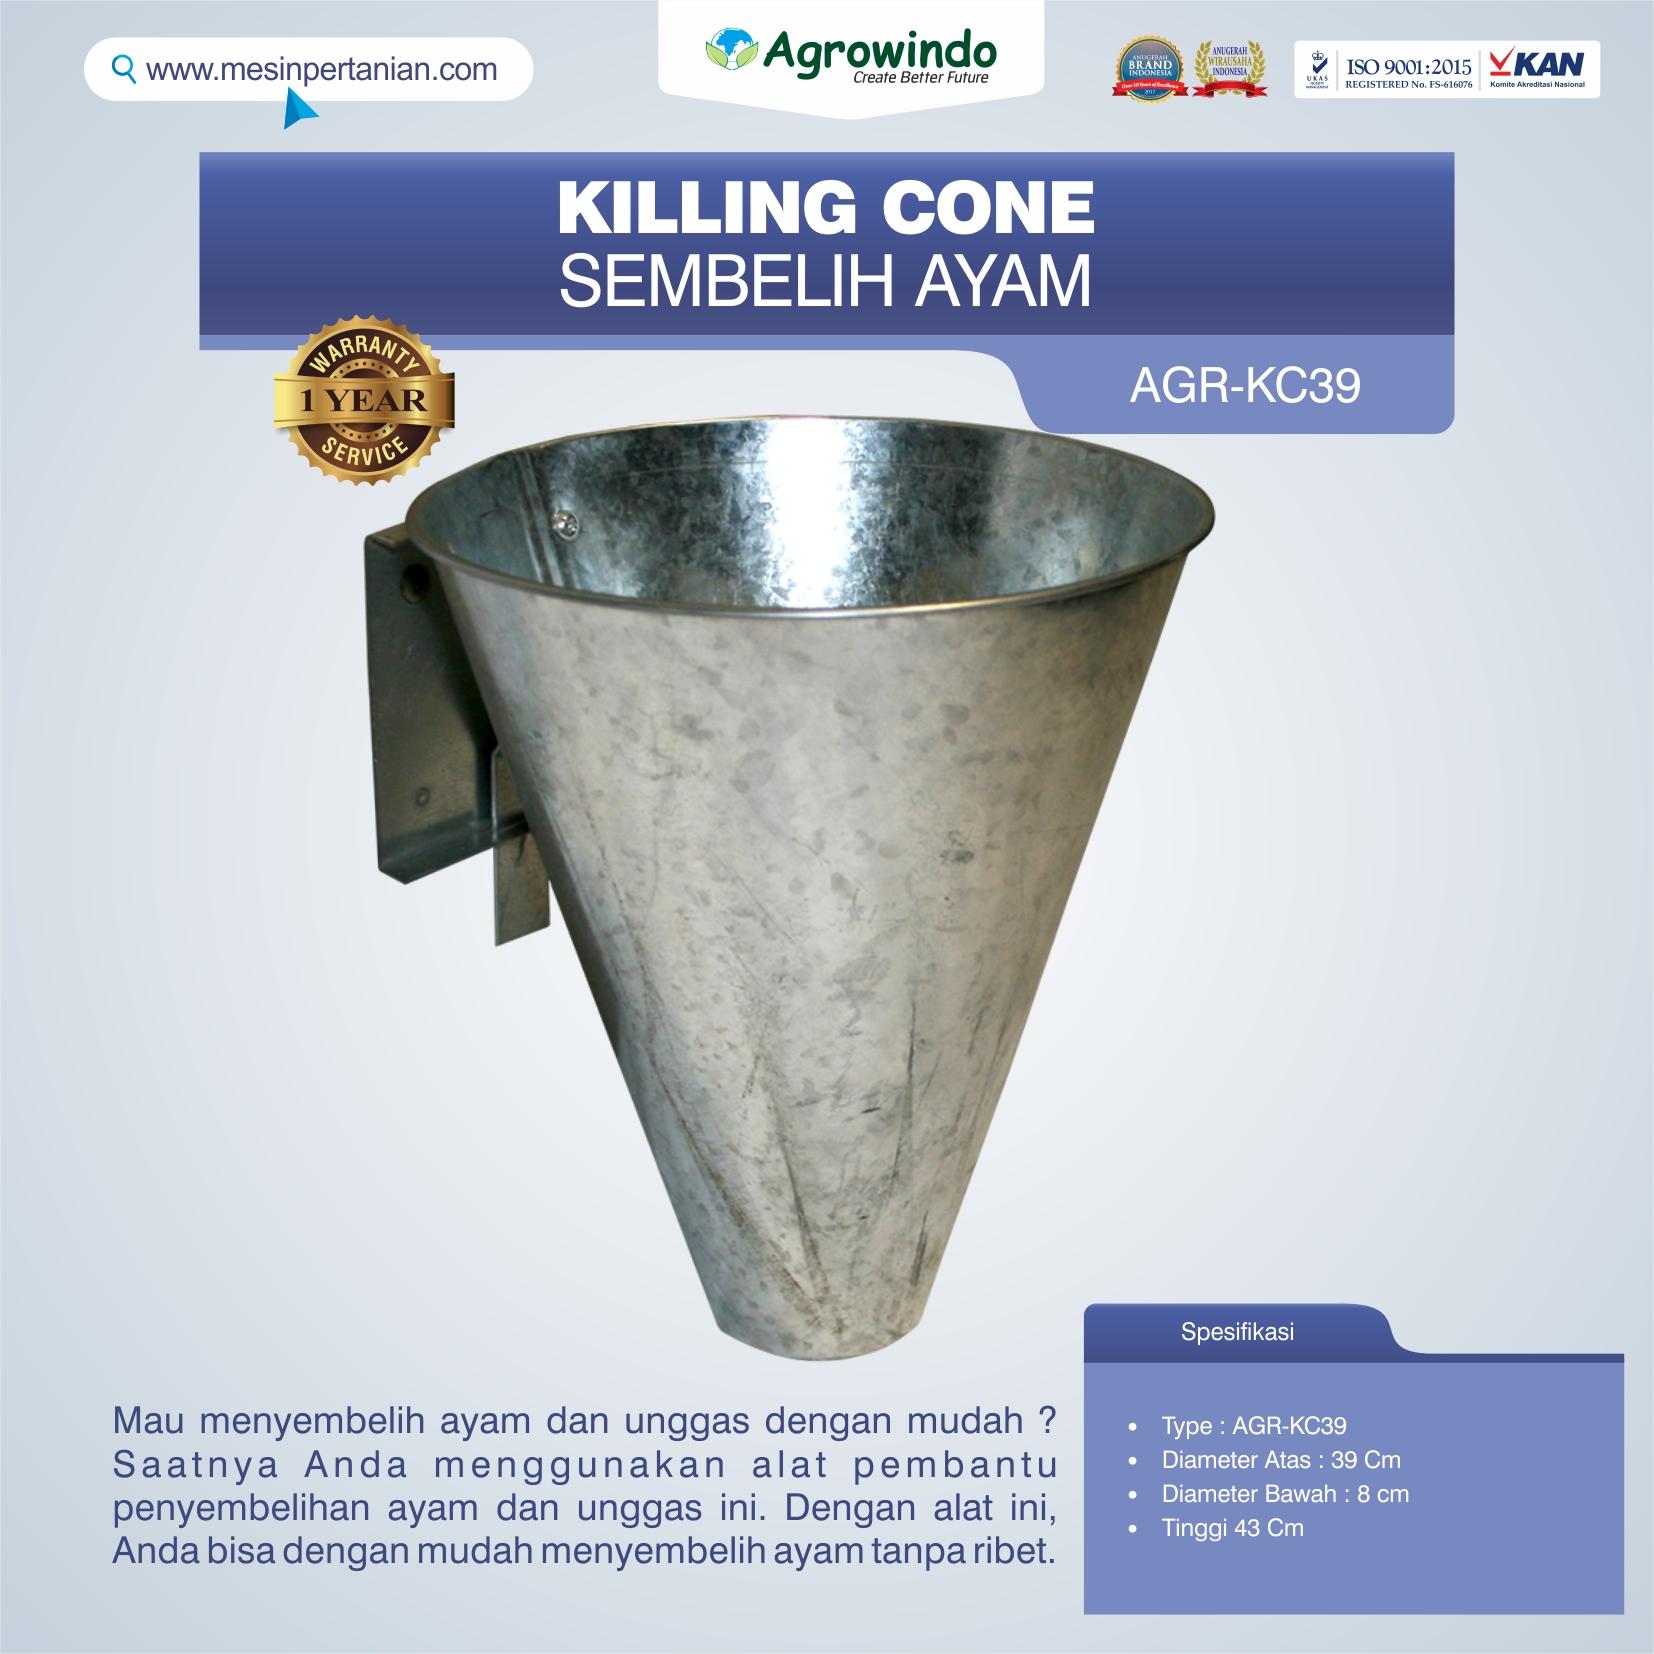 Jual Killing Cone Alat Sembelih Ayam di Bandung